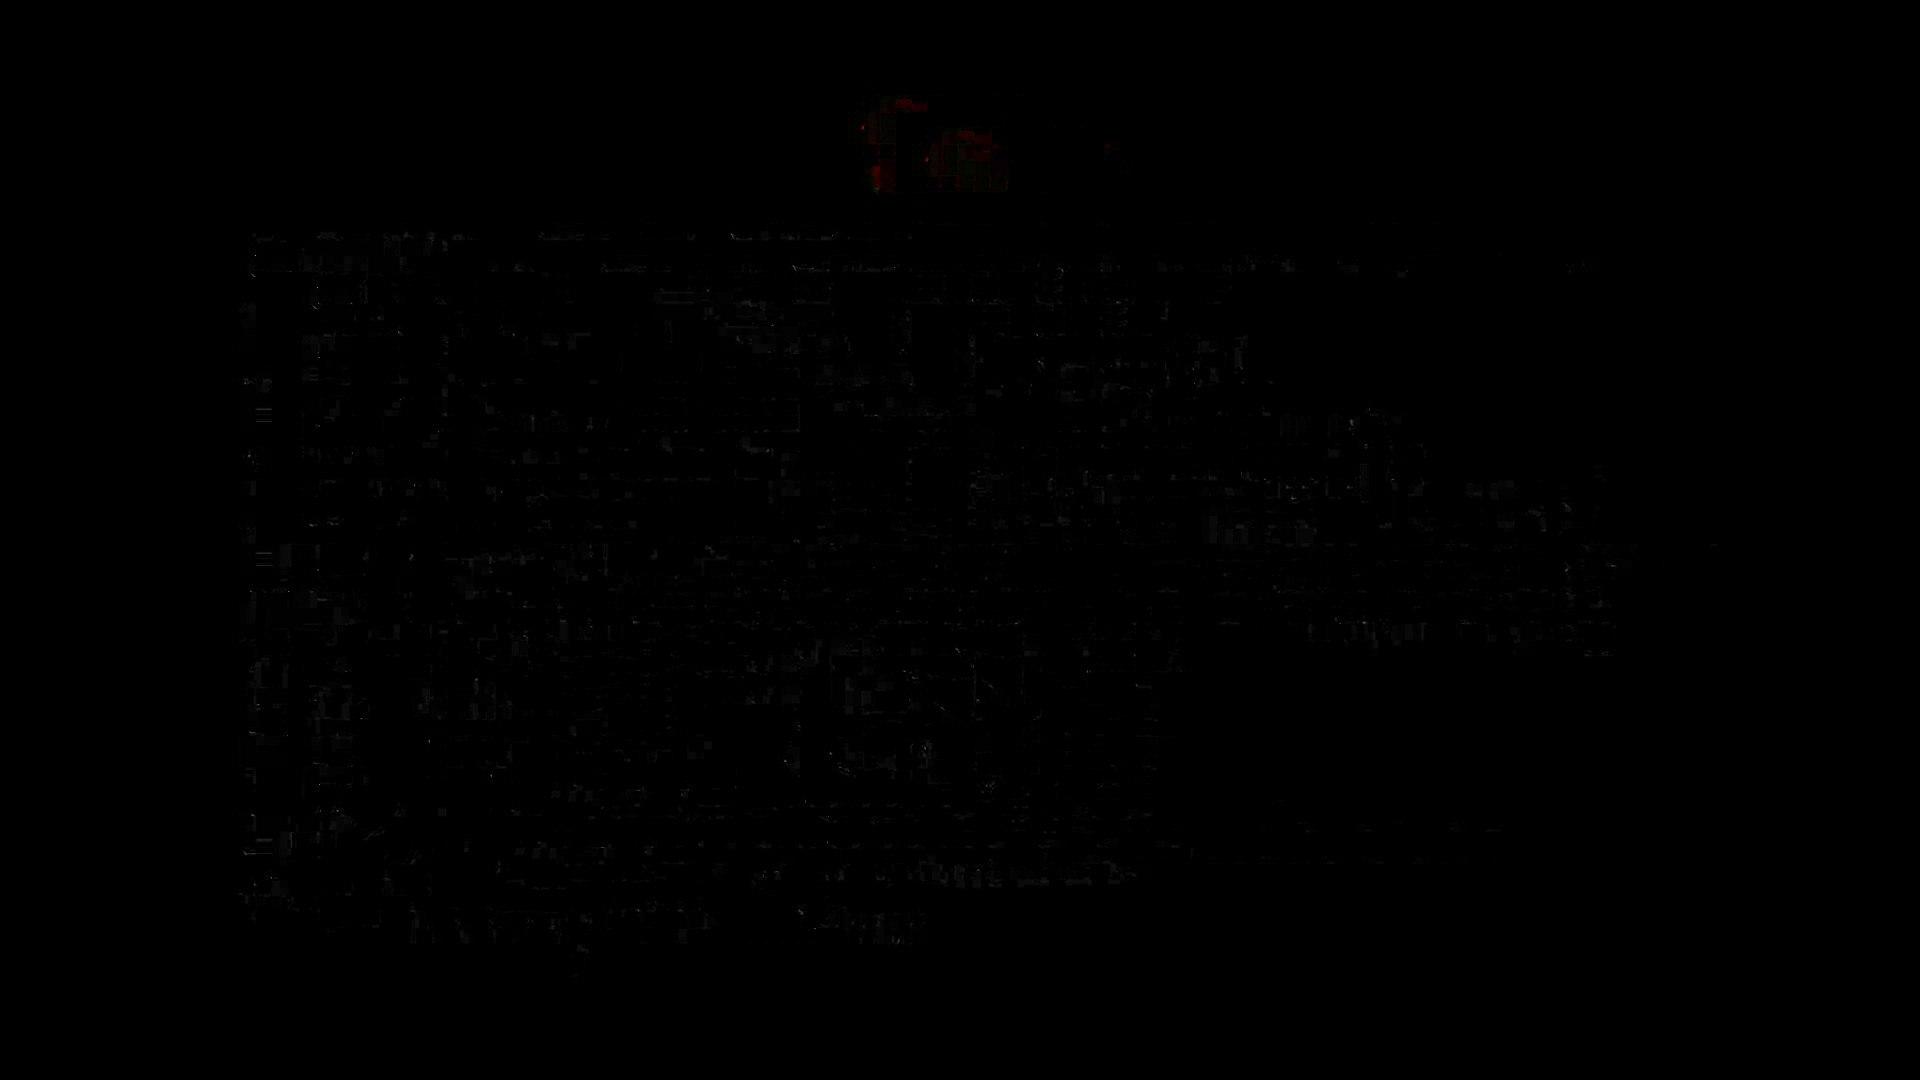 Aquaな露天風呂Vol.867潜入盗撮露天風呂参判湯 其の二 盗撮シリーズ   潜入  102PIX 4